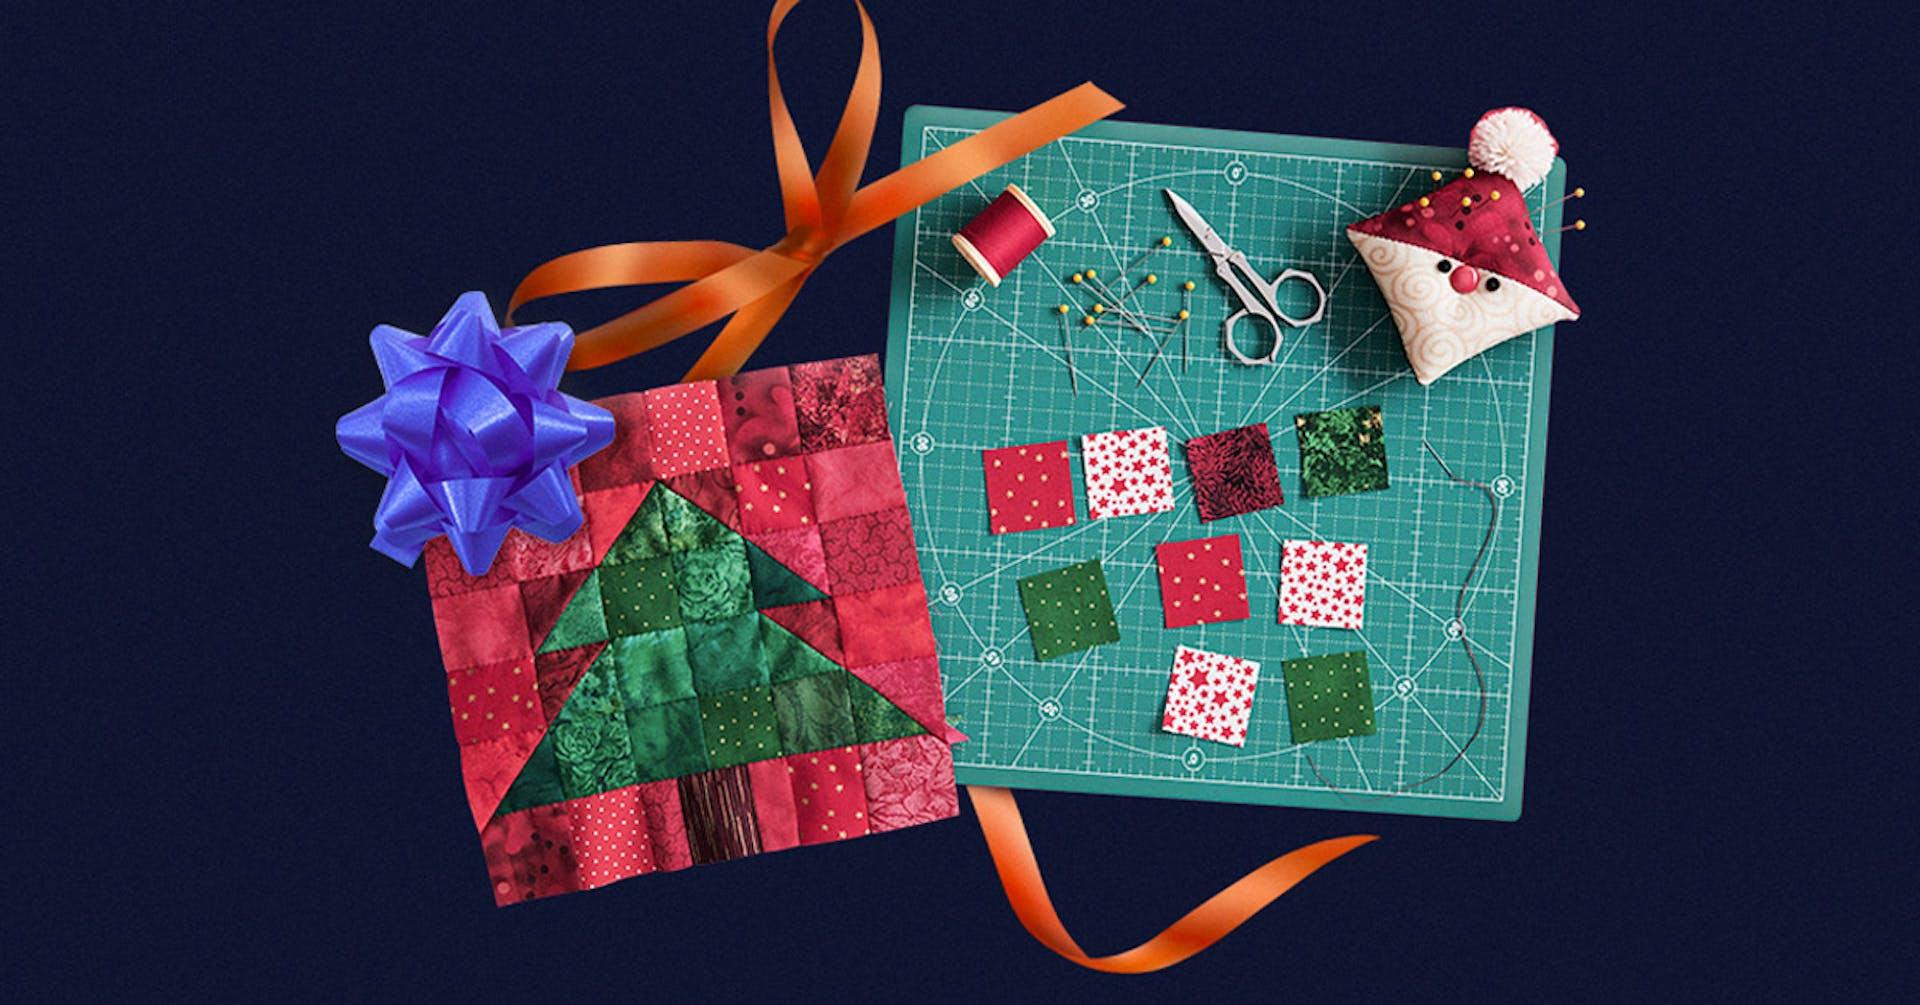 10 ideas para hacer manualidades navideñas fáciles en casa y celebrar en familia